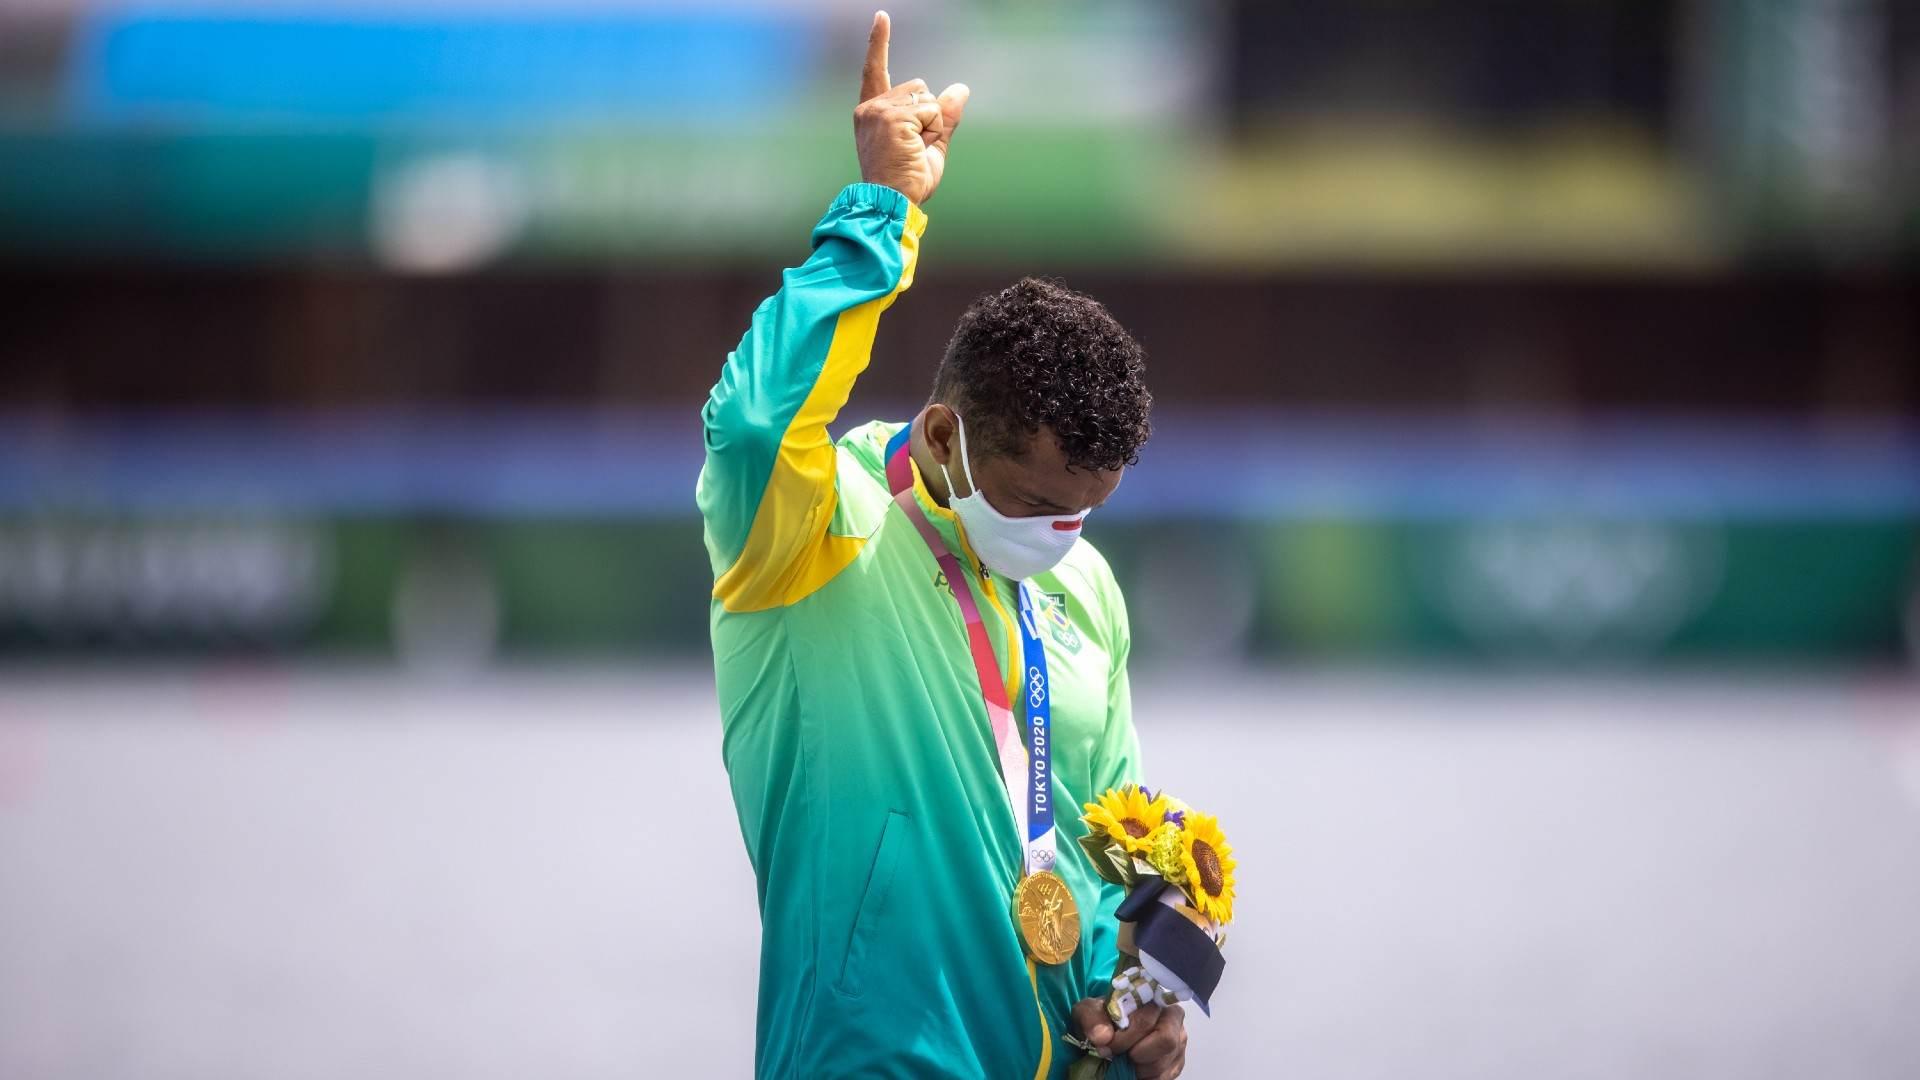 Isaquias Queiroz, campeão olímpico na canoagem